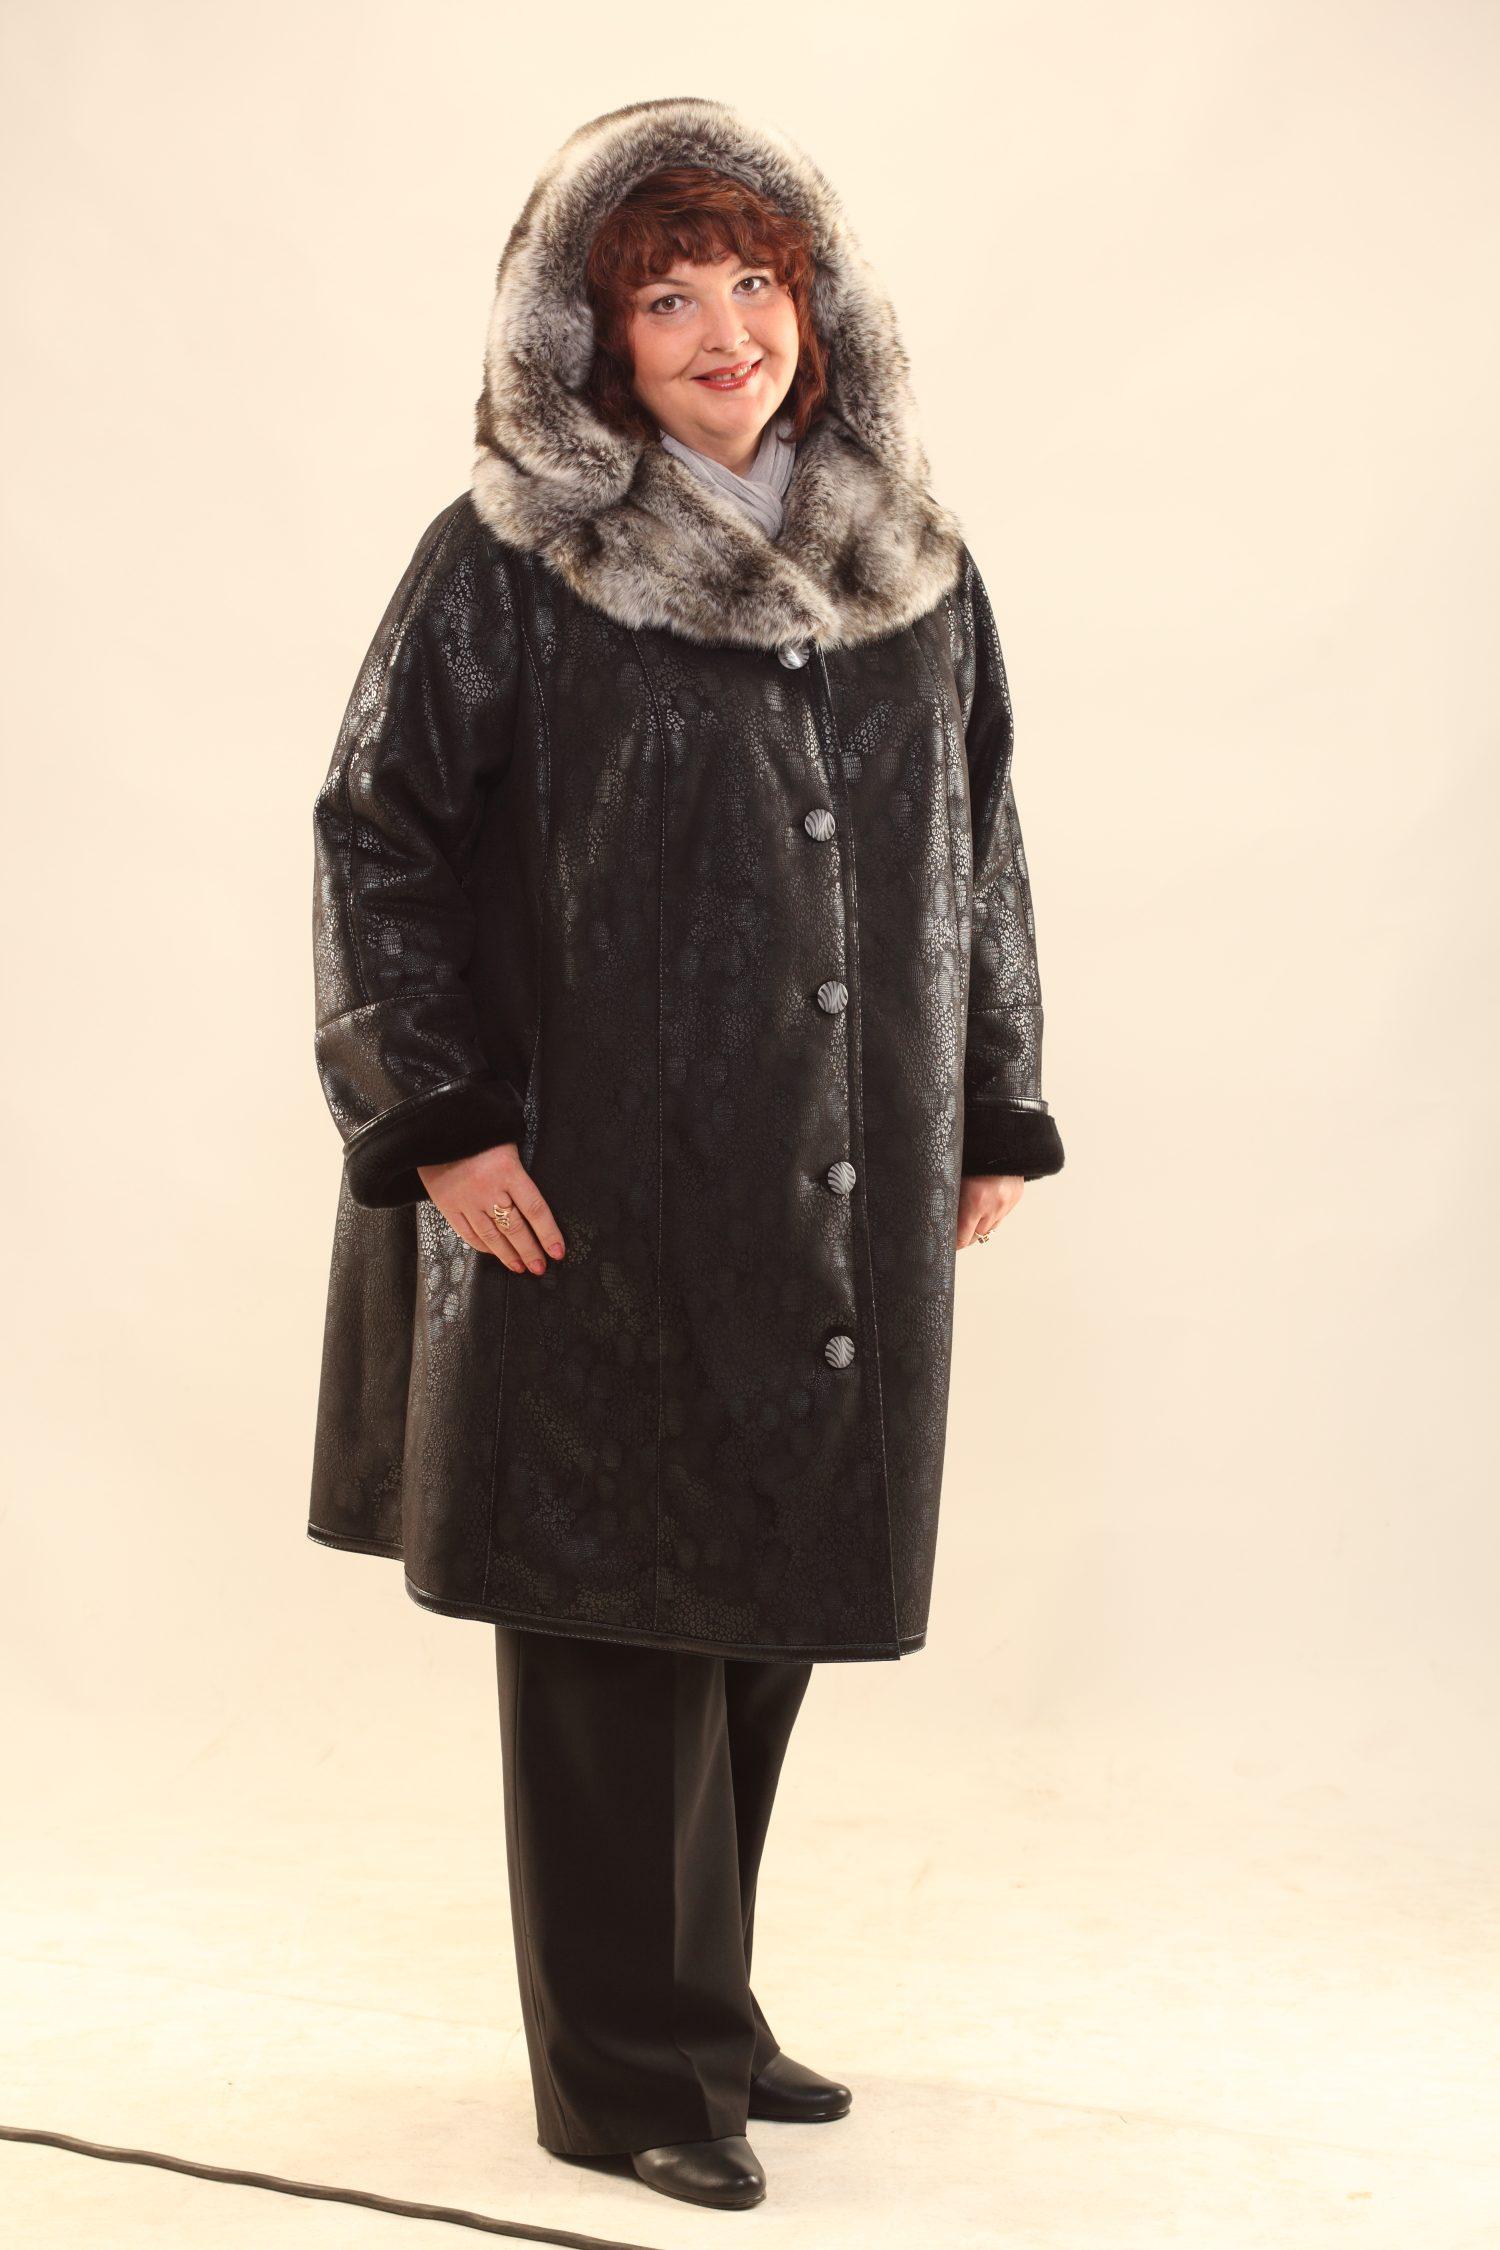 Купить шубу 68-70 размера русский мех